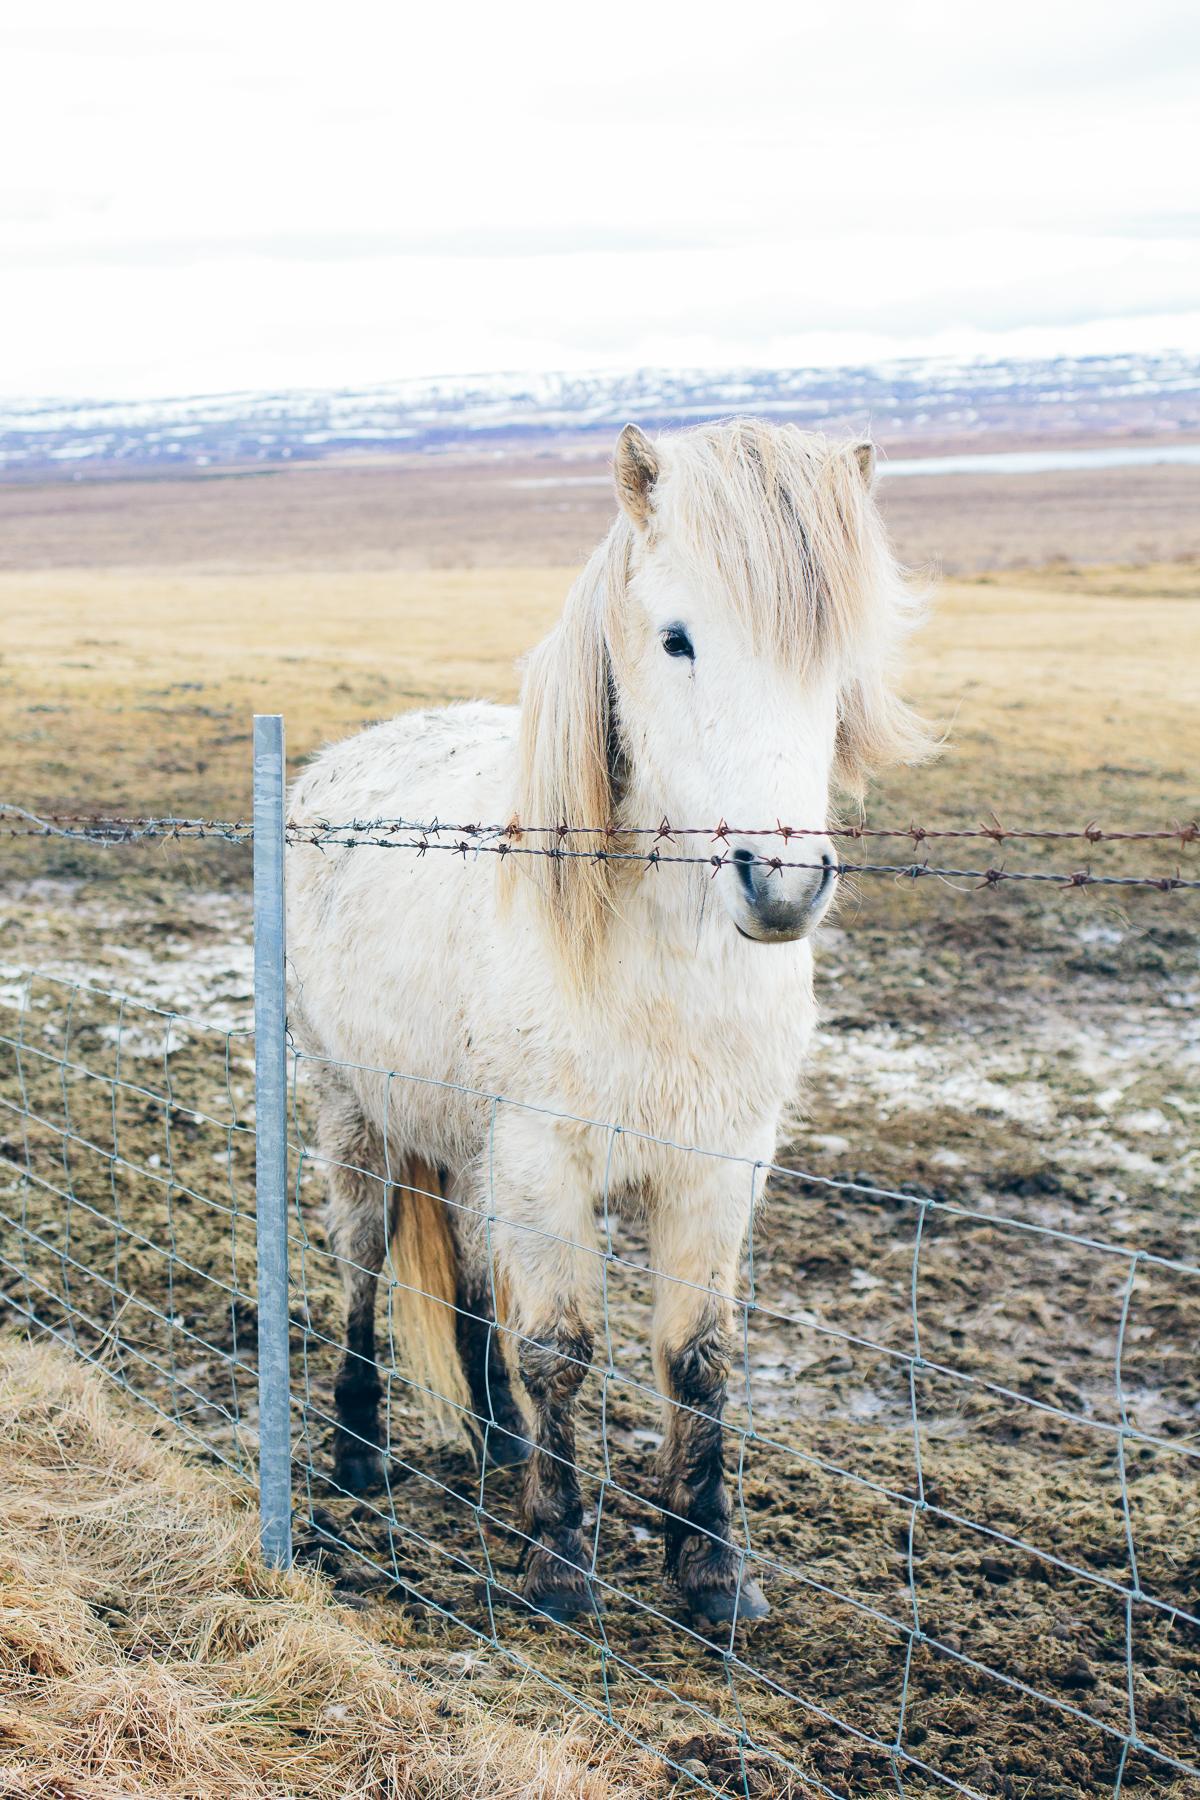 white horse, icelandic pony, Iceland travel guide —via @TheFoxandShe